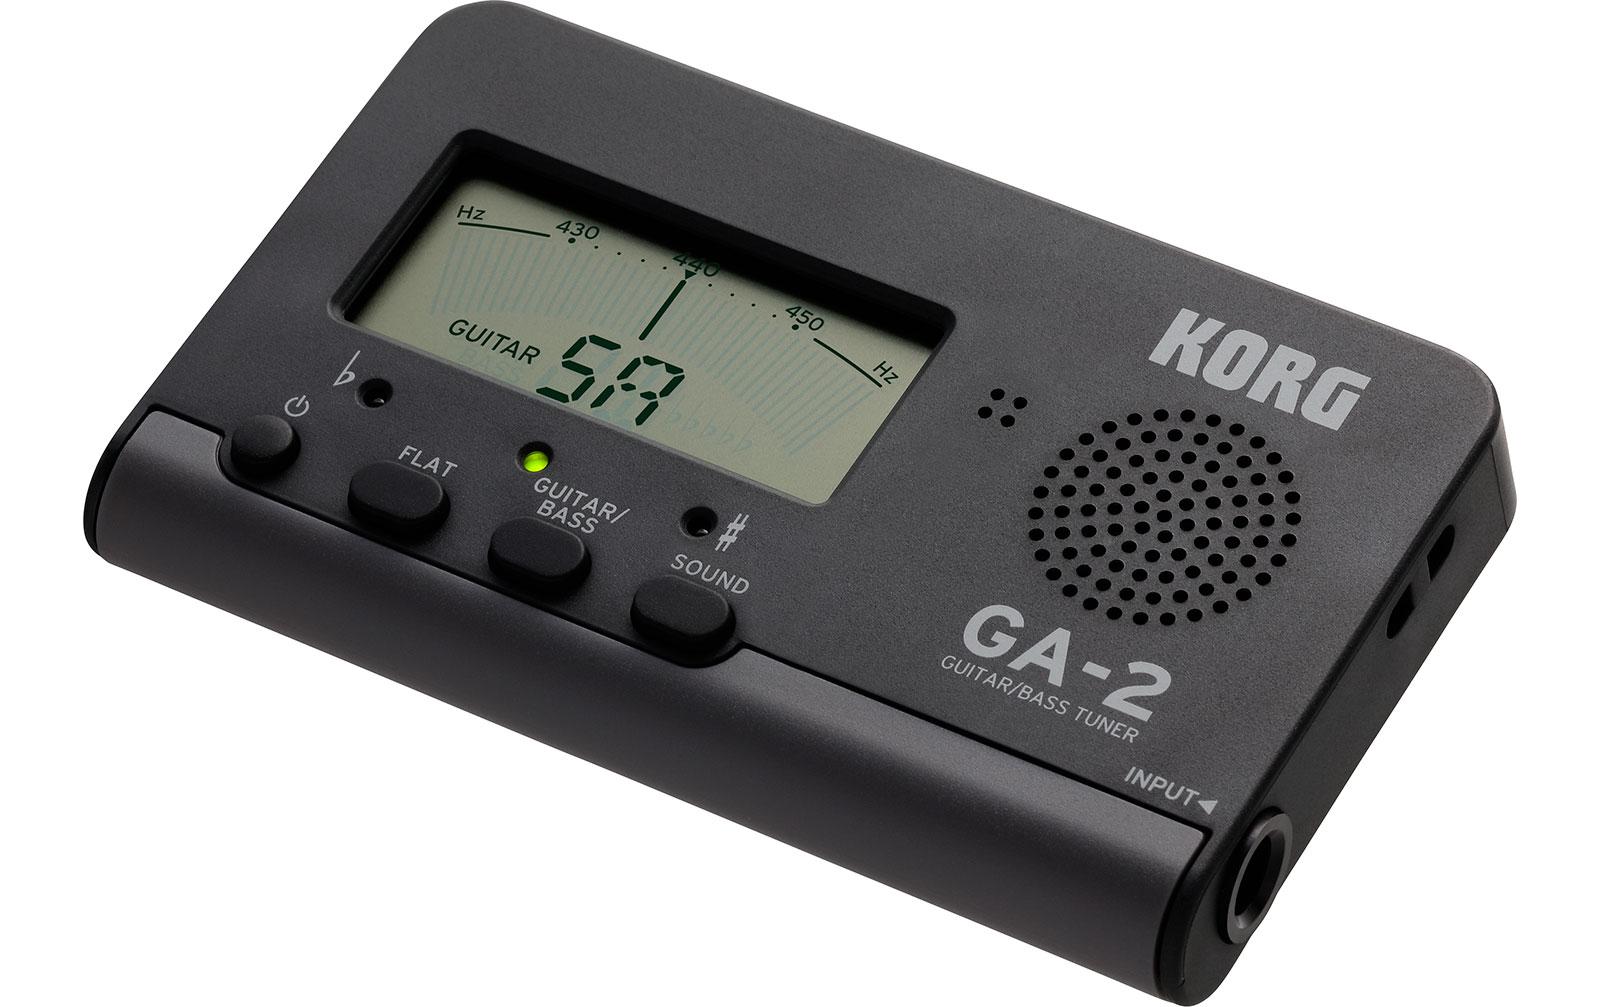 korg-ga-2